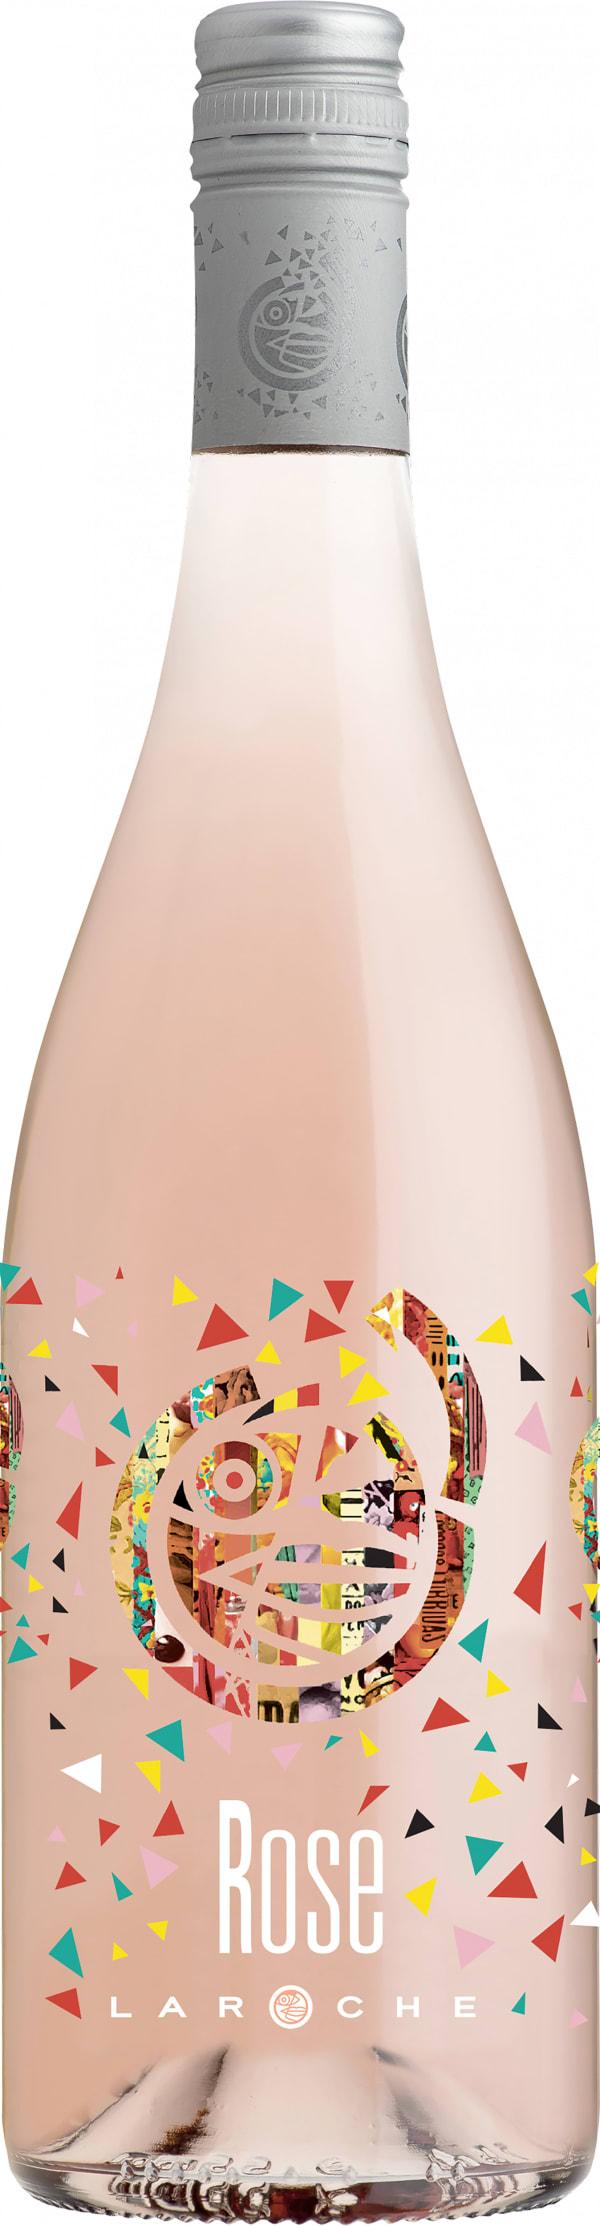 Laroche Rosé La Chevalière 2018